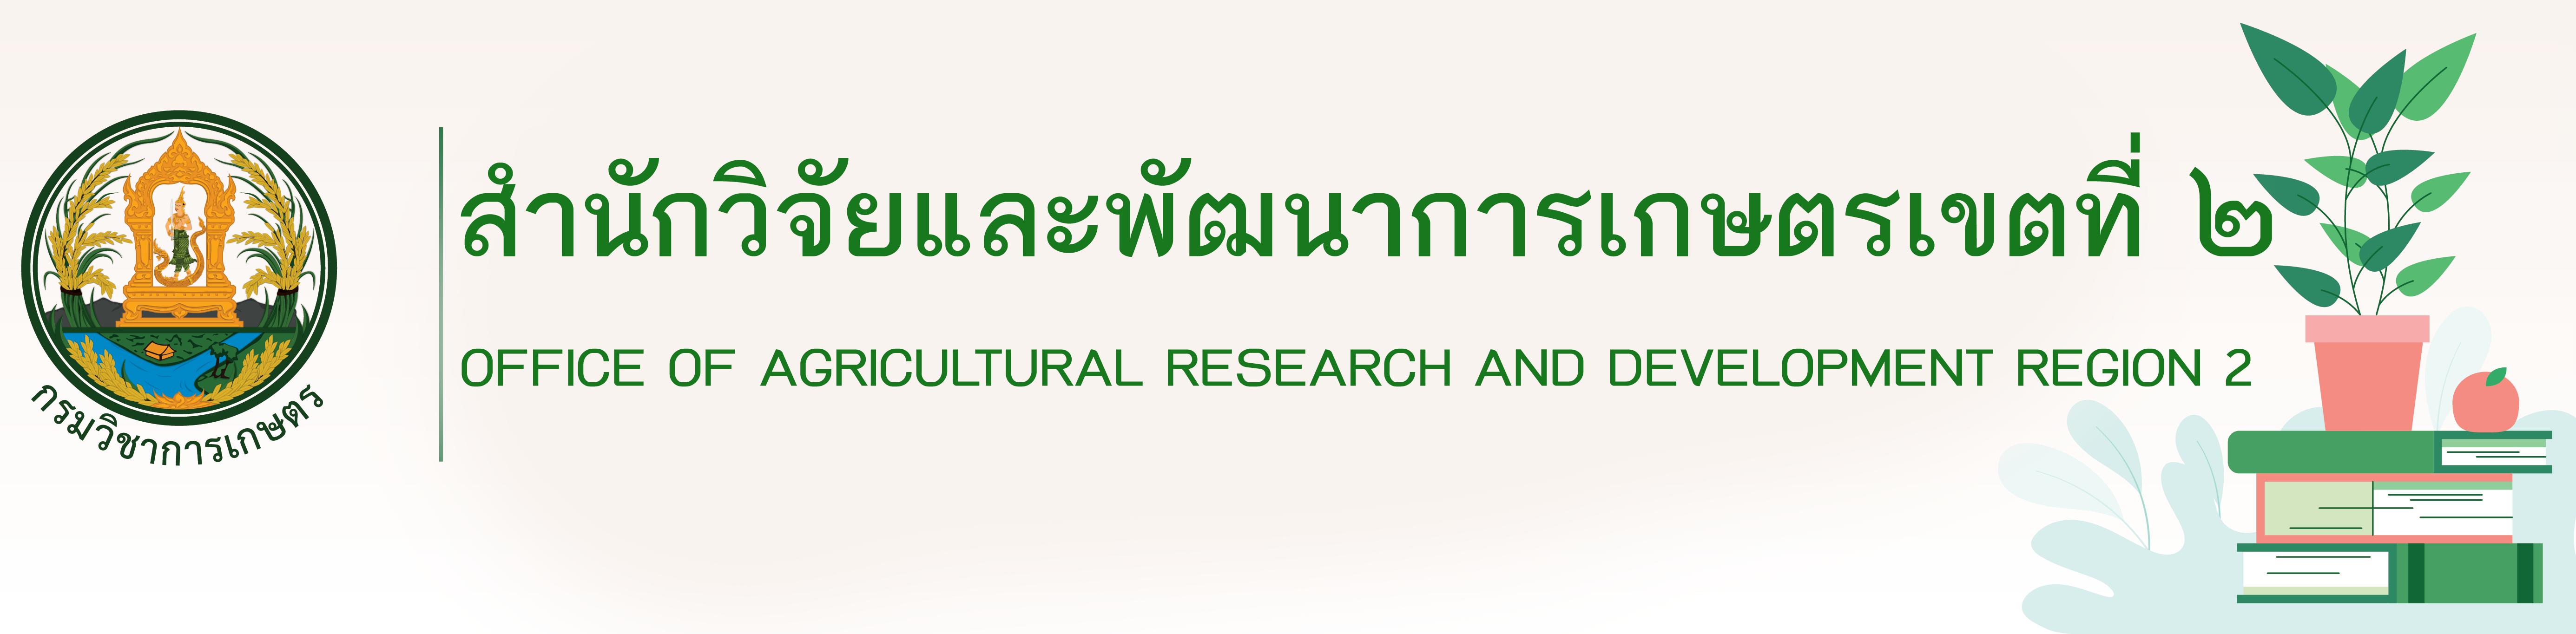 สำนักวิจัยและพัฒนาการเกษตรเขตที่ 2